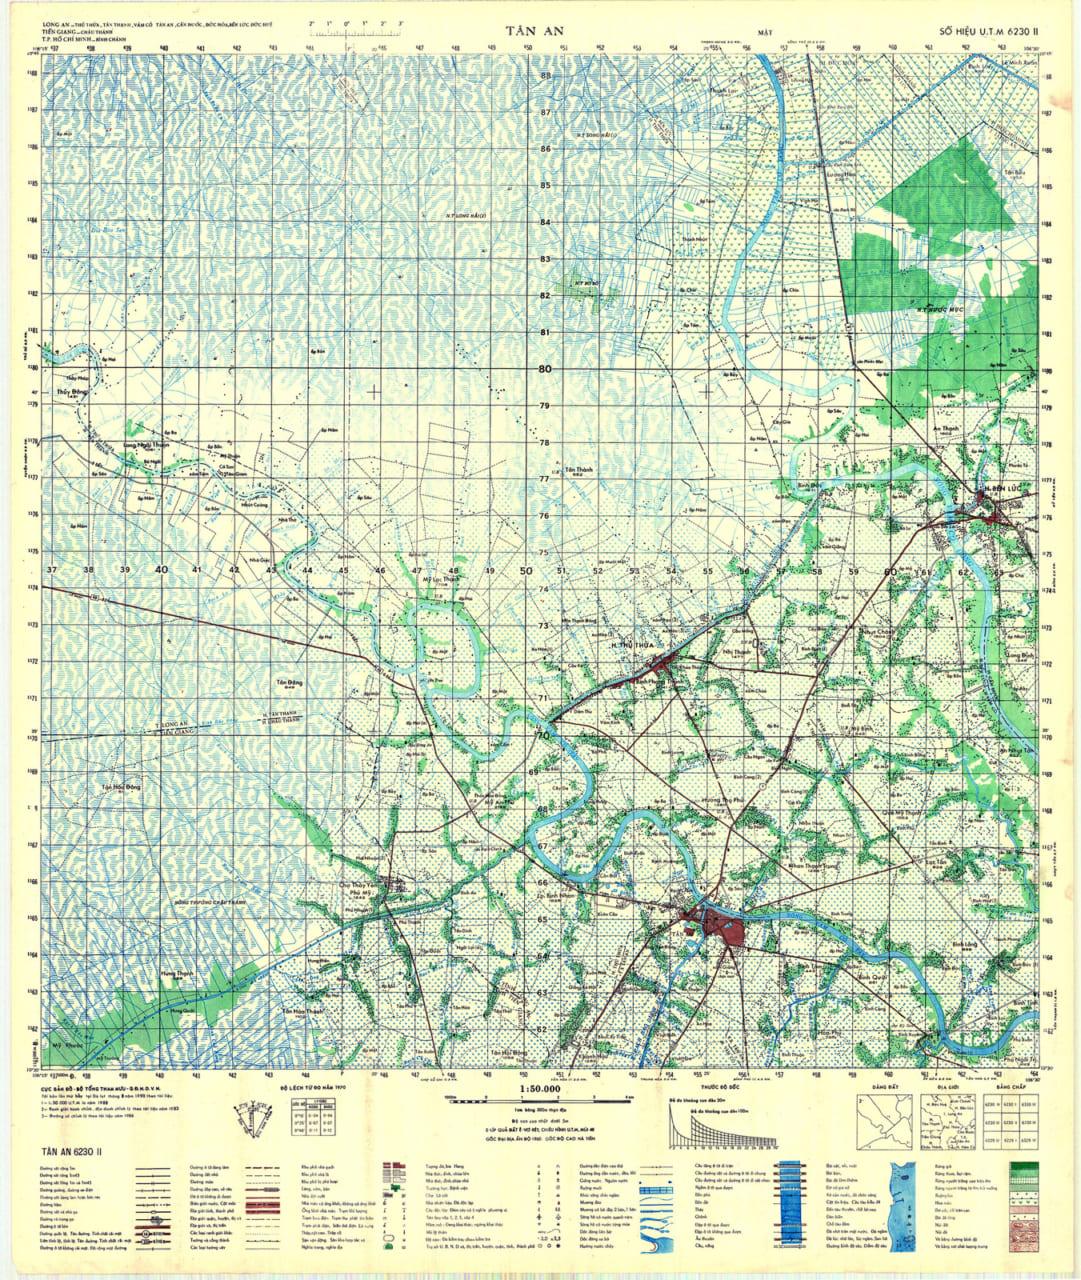 Bản đồ Tân An xưa được in lại năm 1990